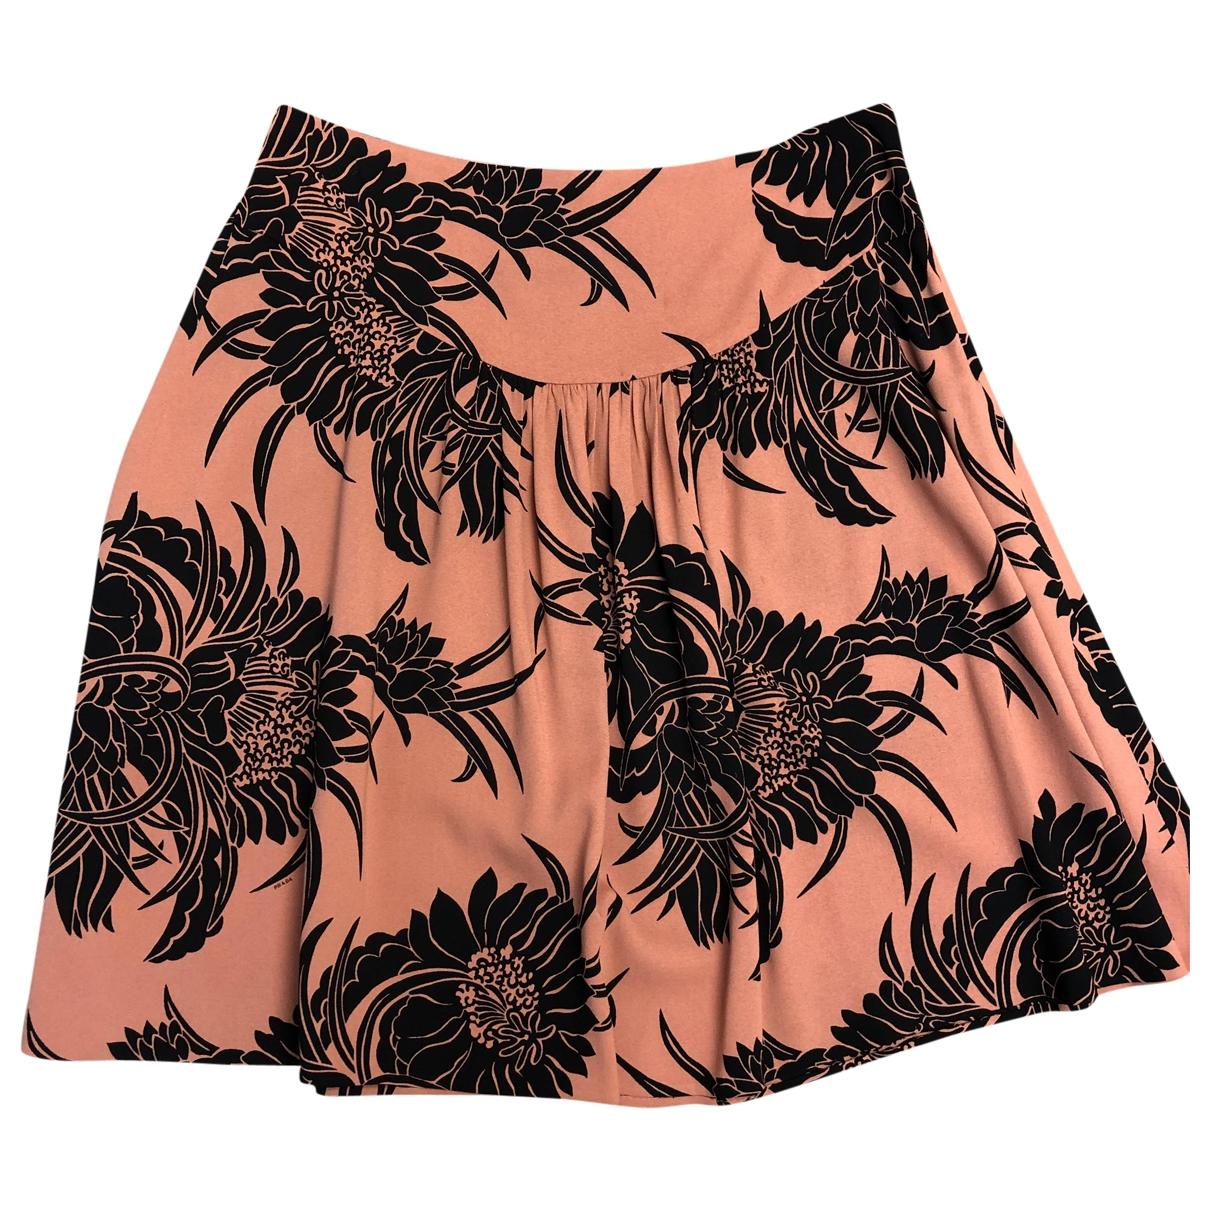 Prada \N Multicolour skirt for Women 44 IT